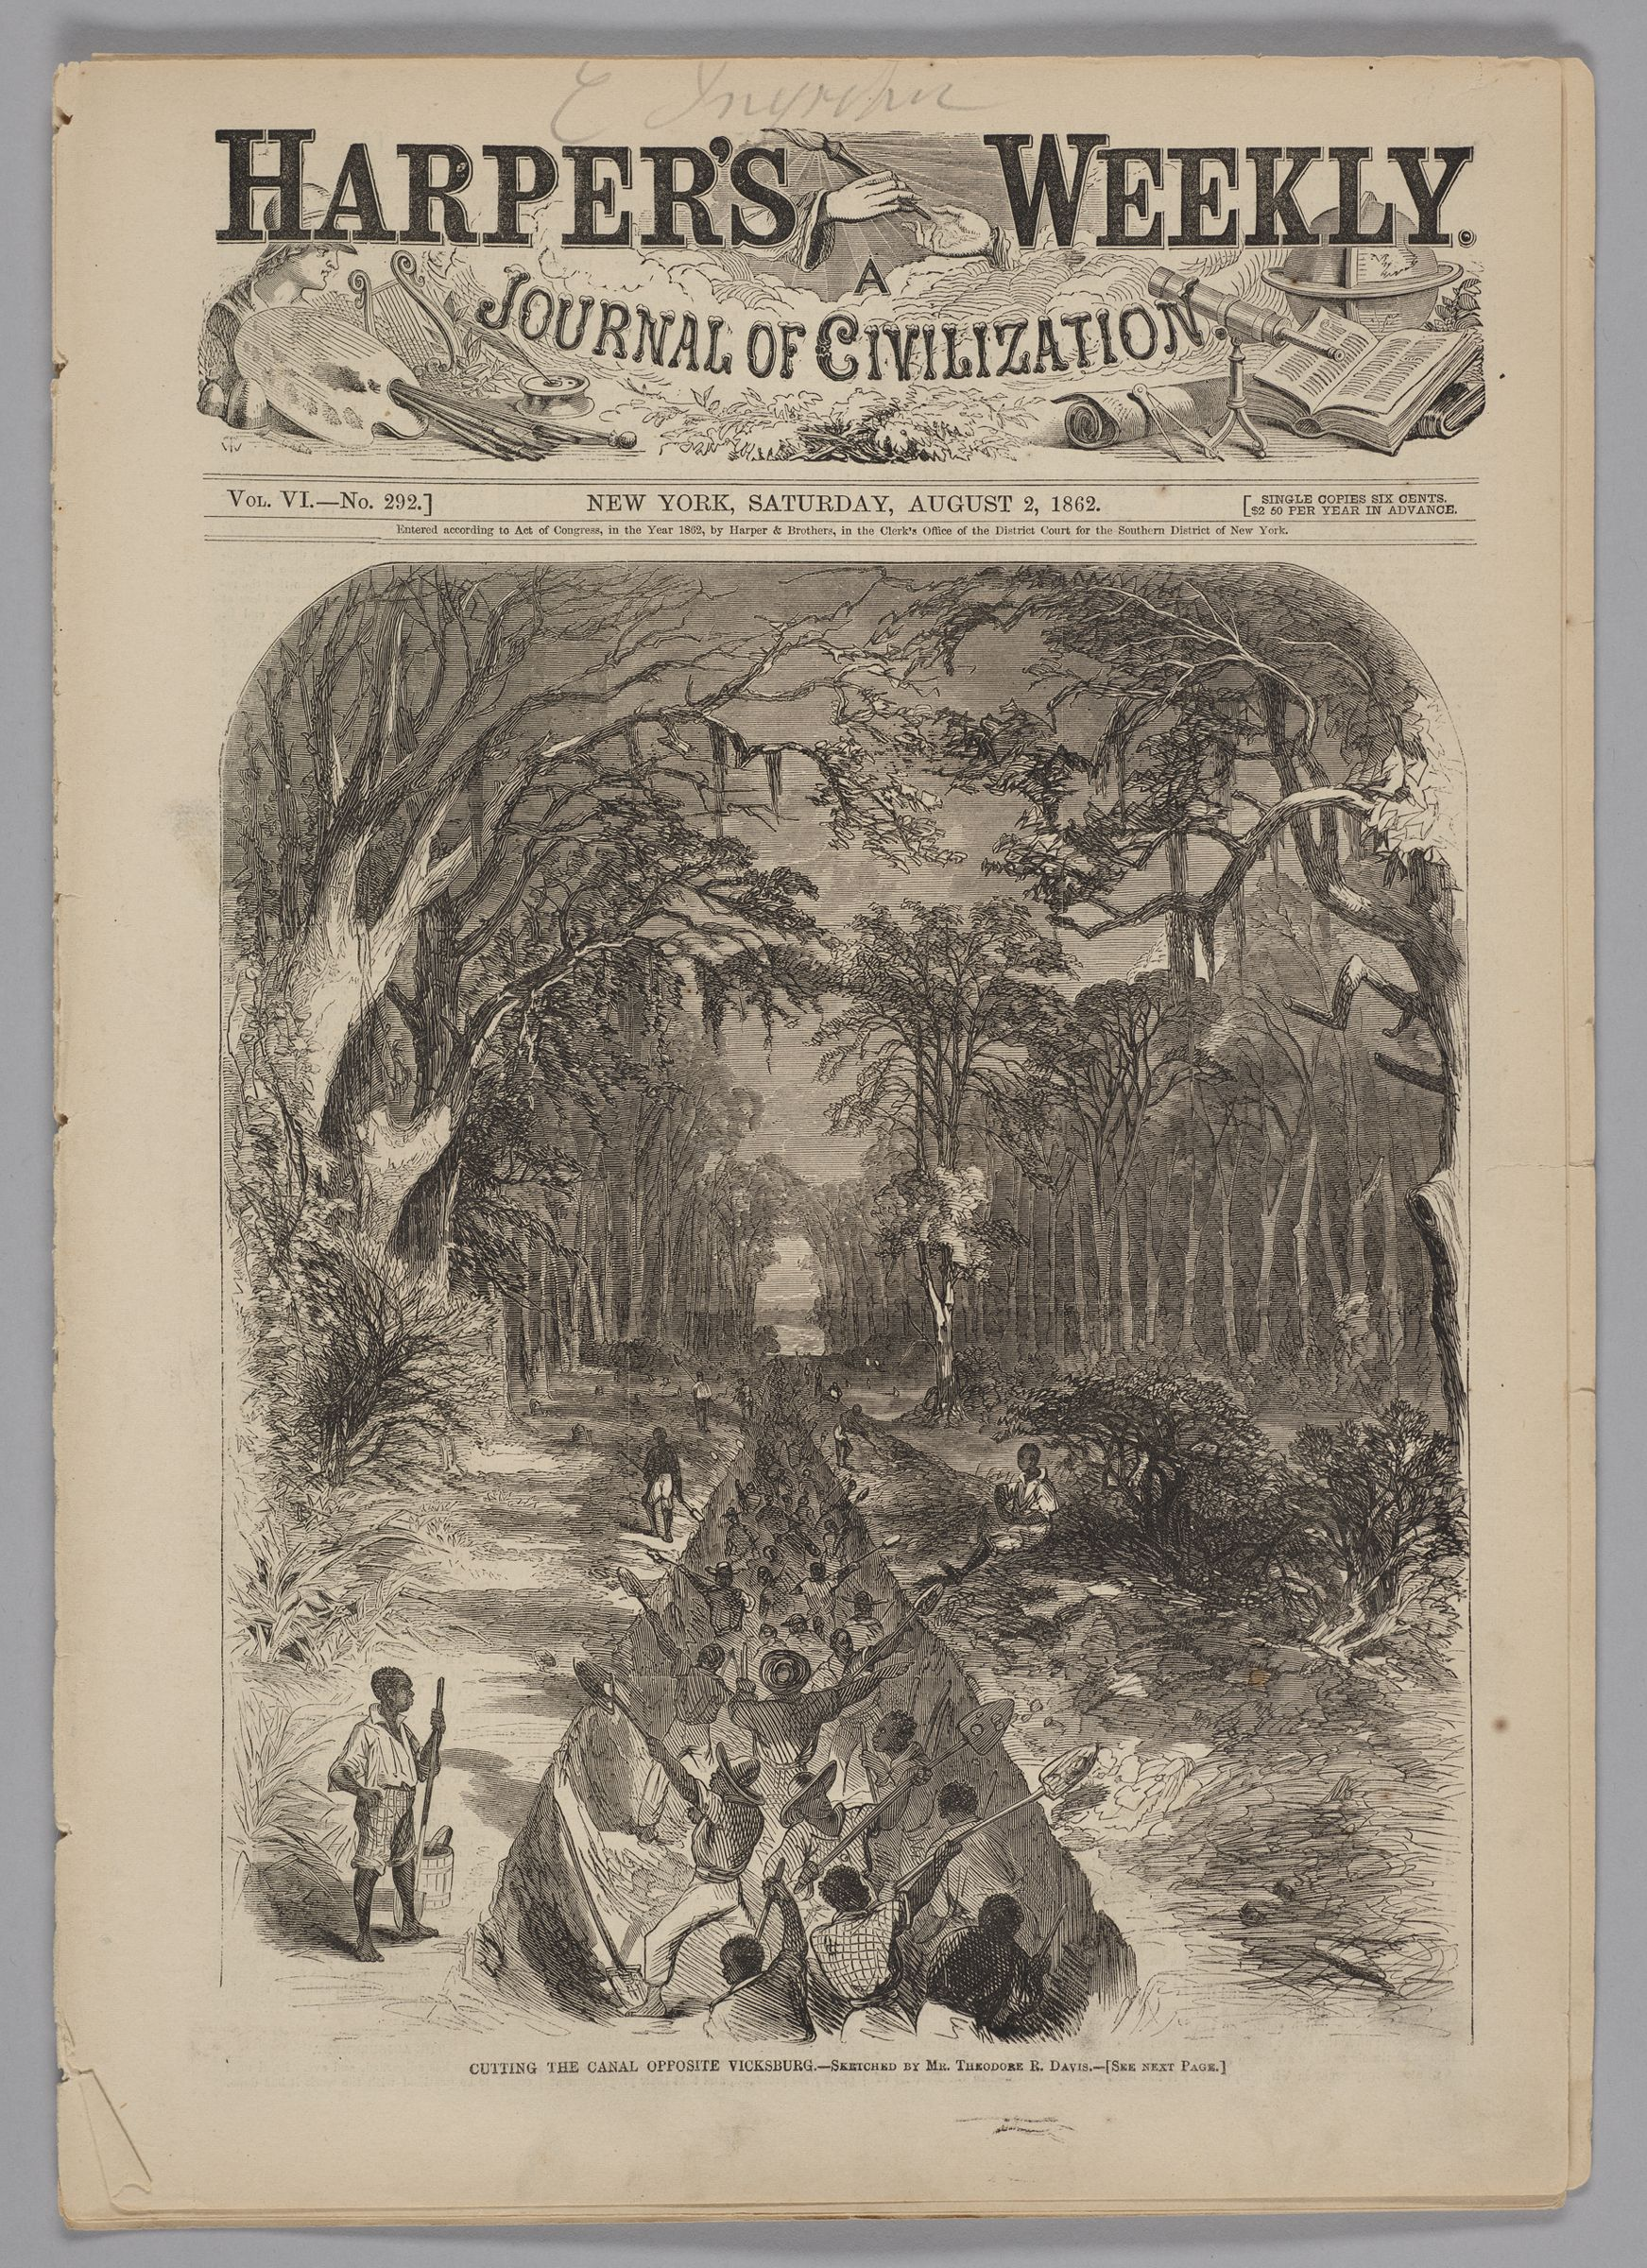 Harper's Weekly, Vol. Vi, No. 292